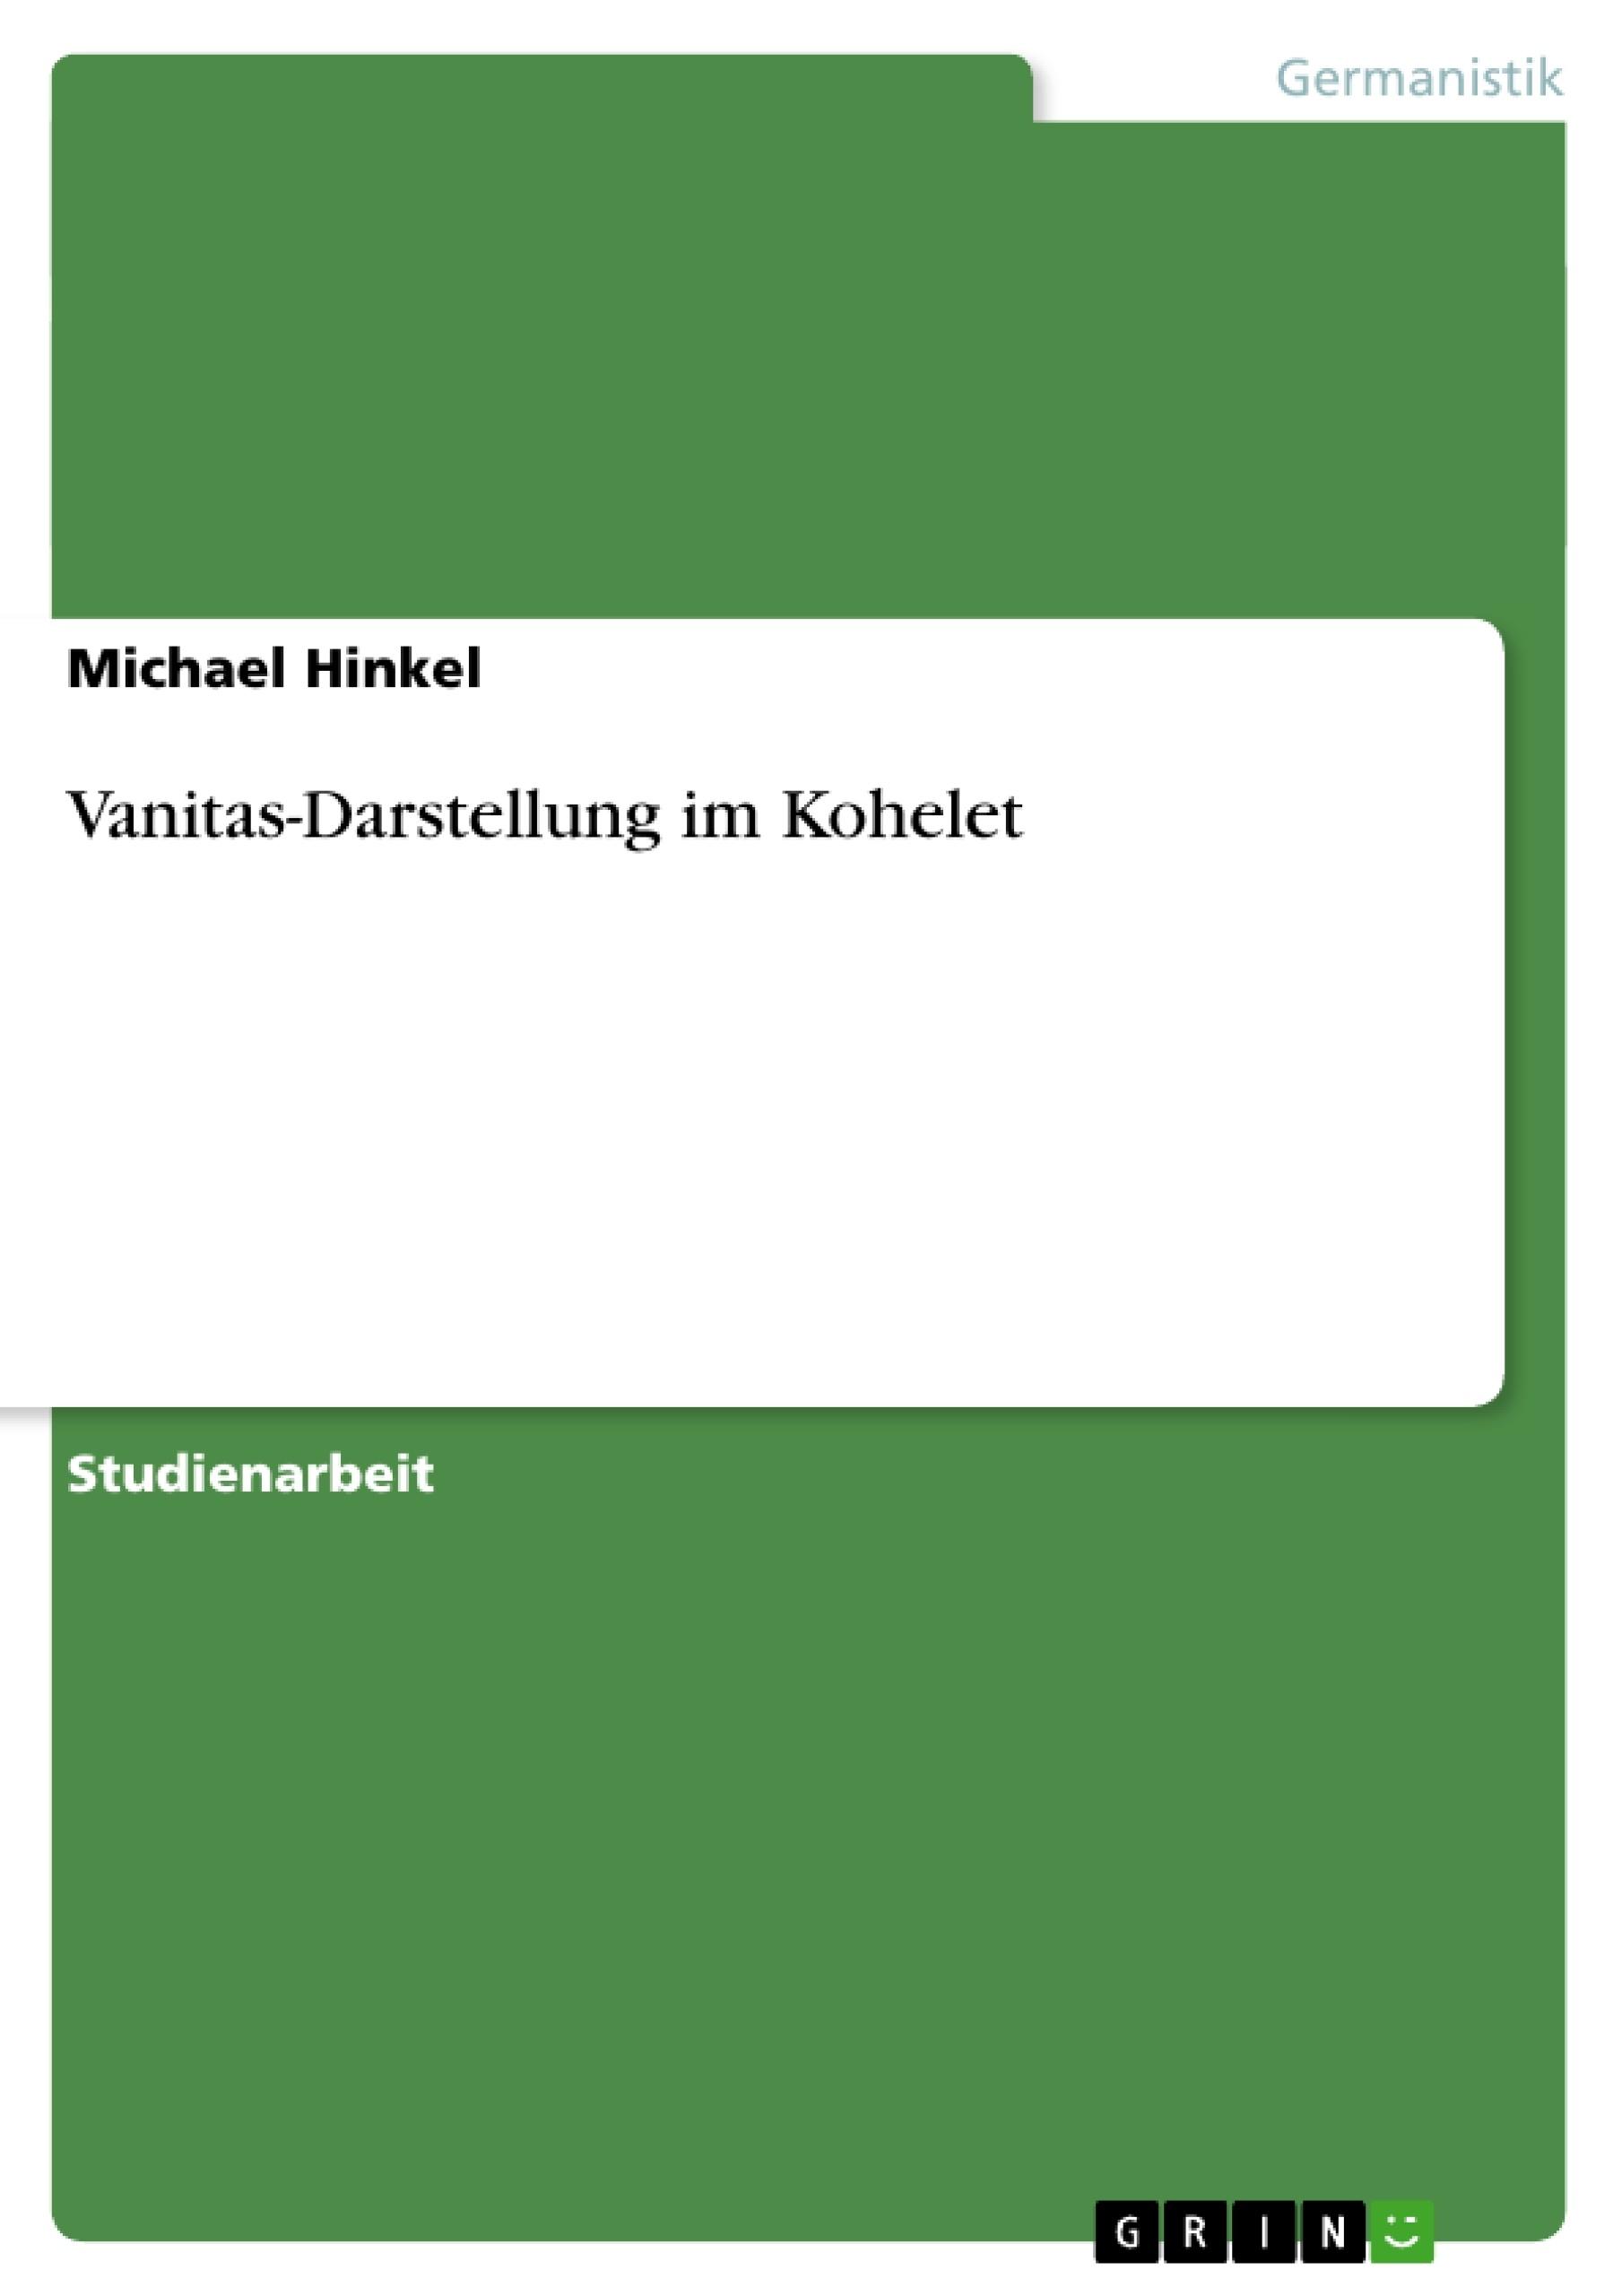 Titel: Vanitas-Darstellung im Kohelet